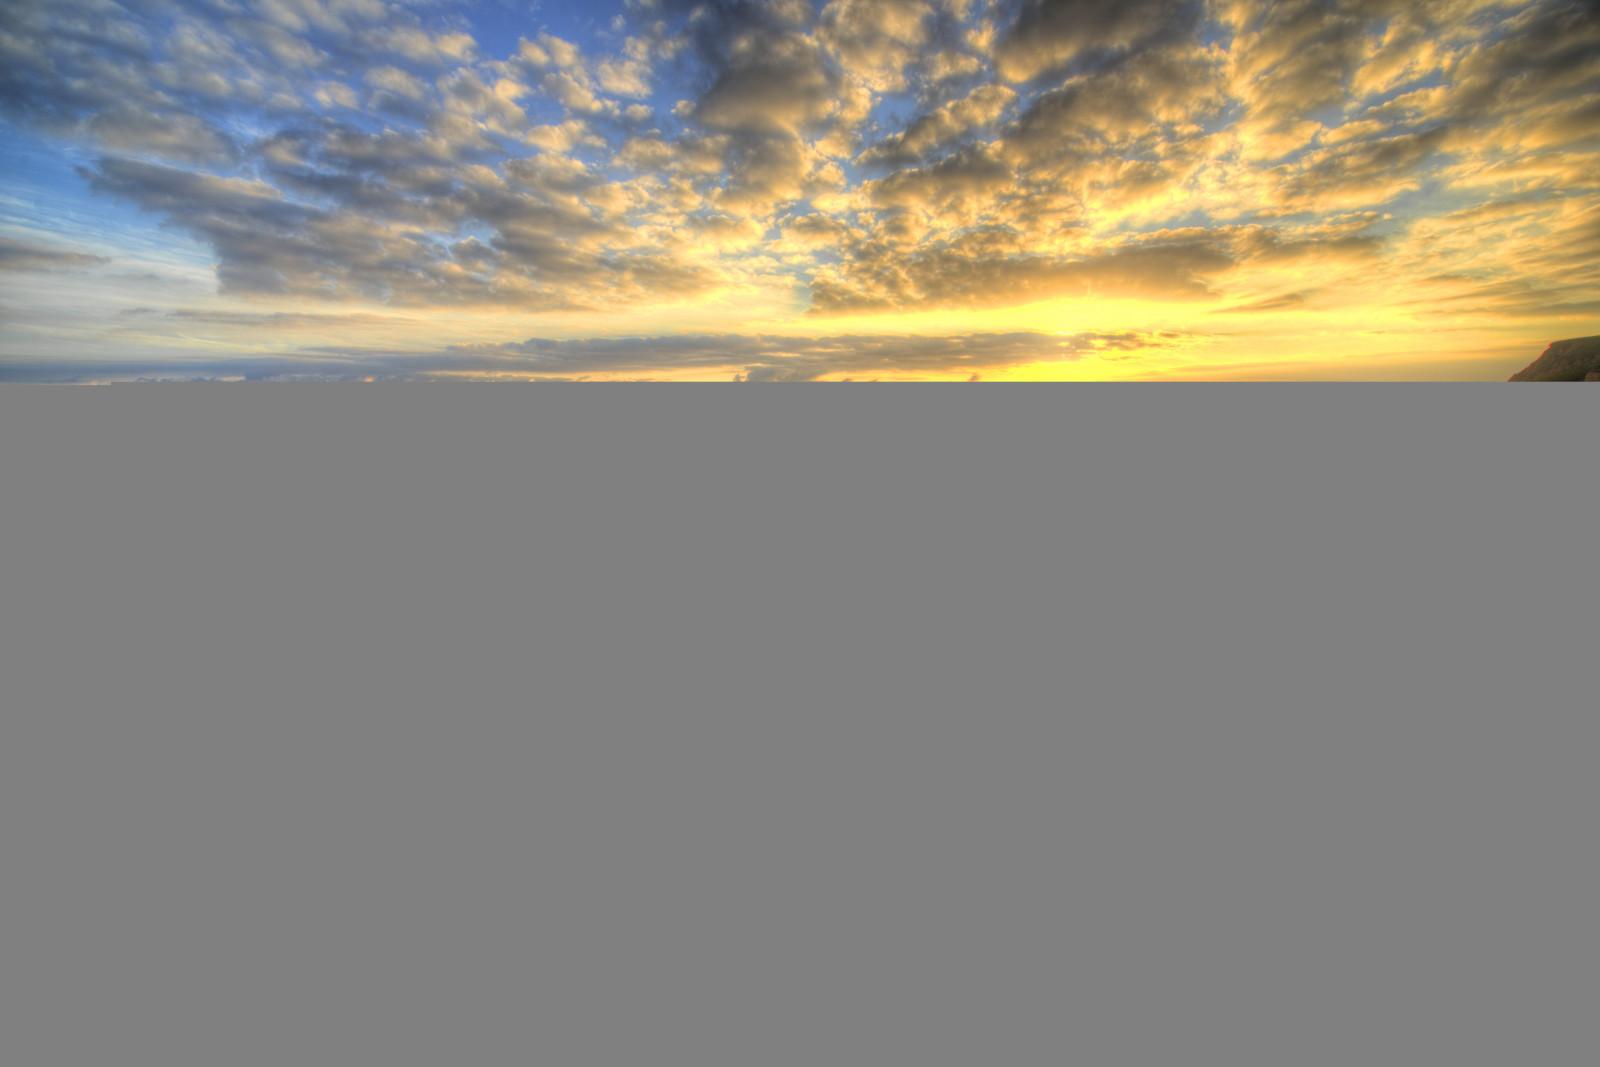 Hintergrundbilder : Nikon, D800, D800e, voll, Rahmen, Photomatix ...